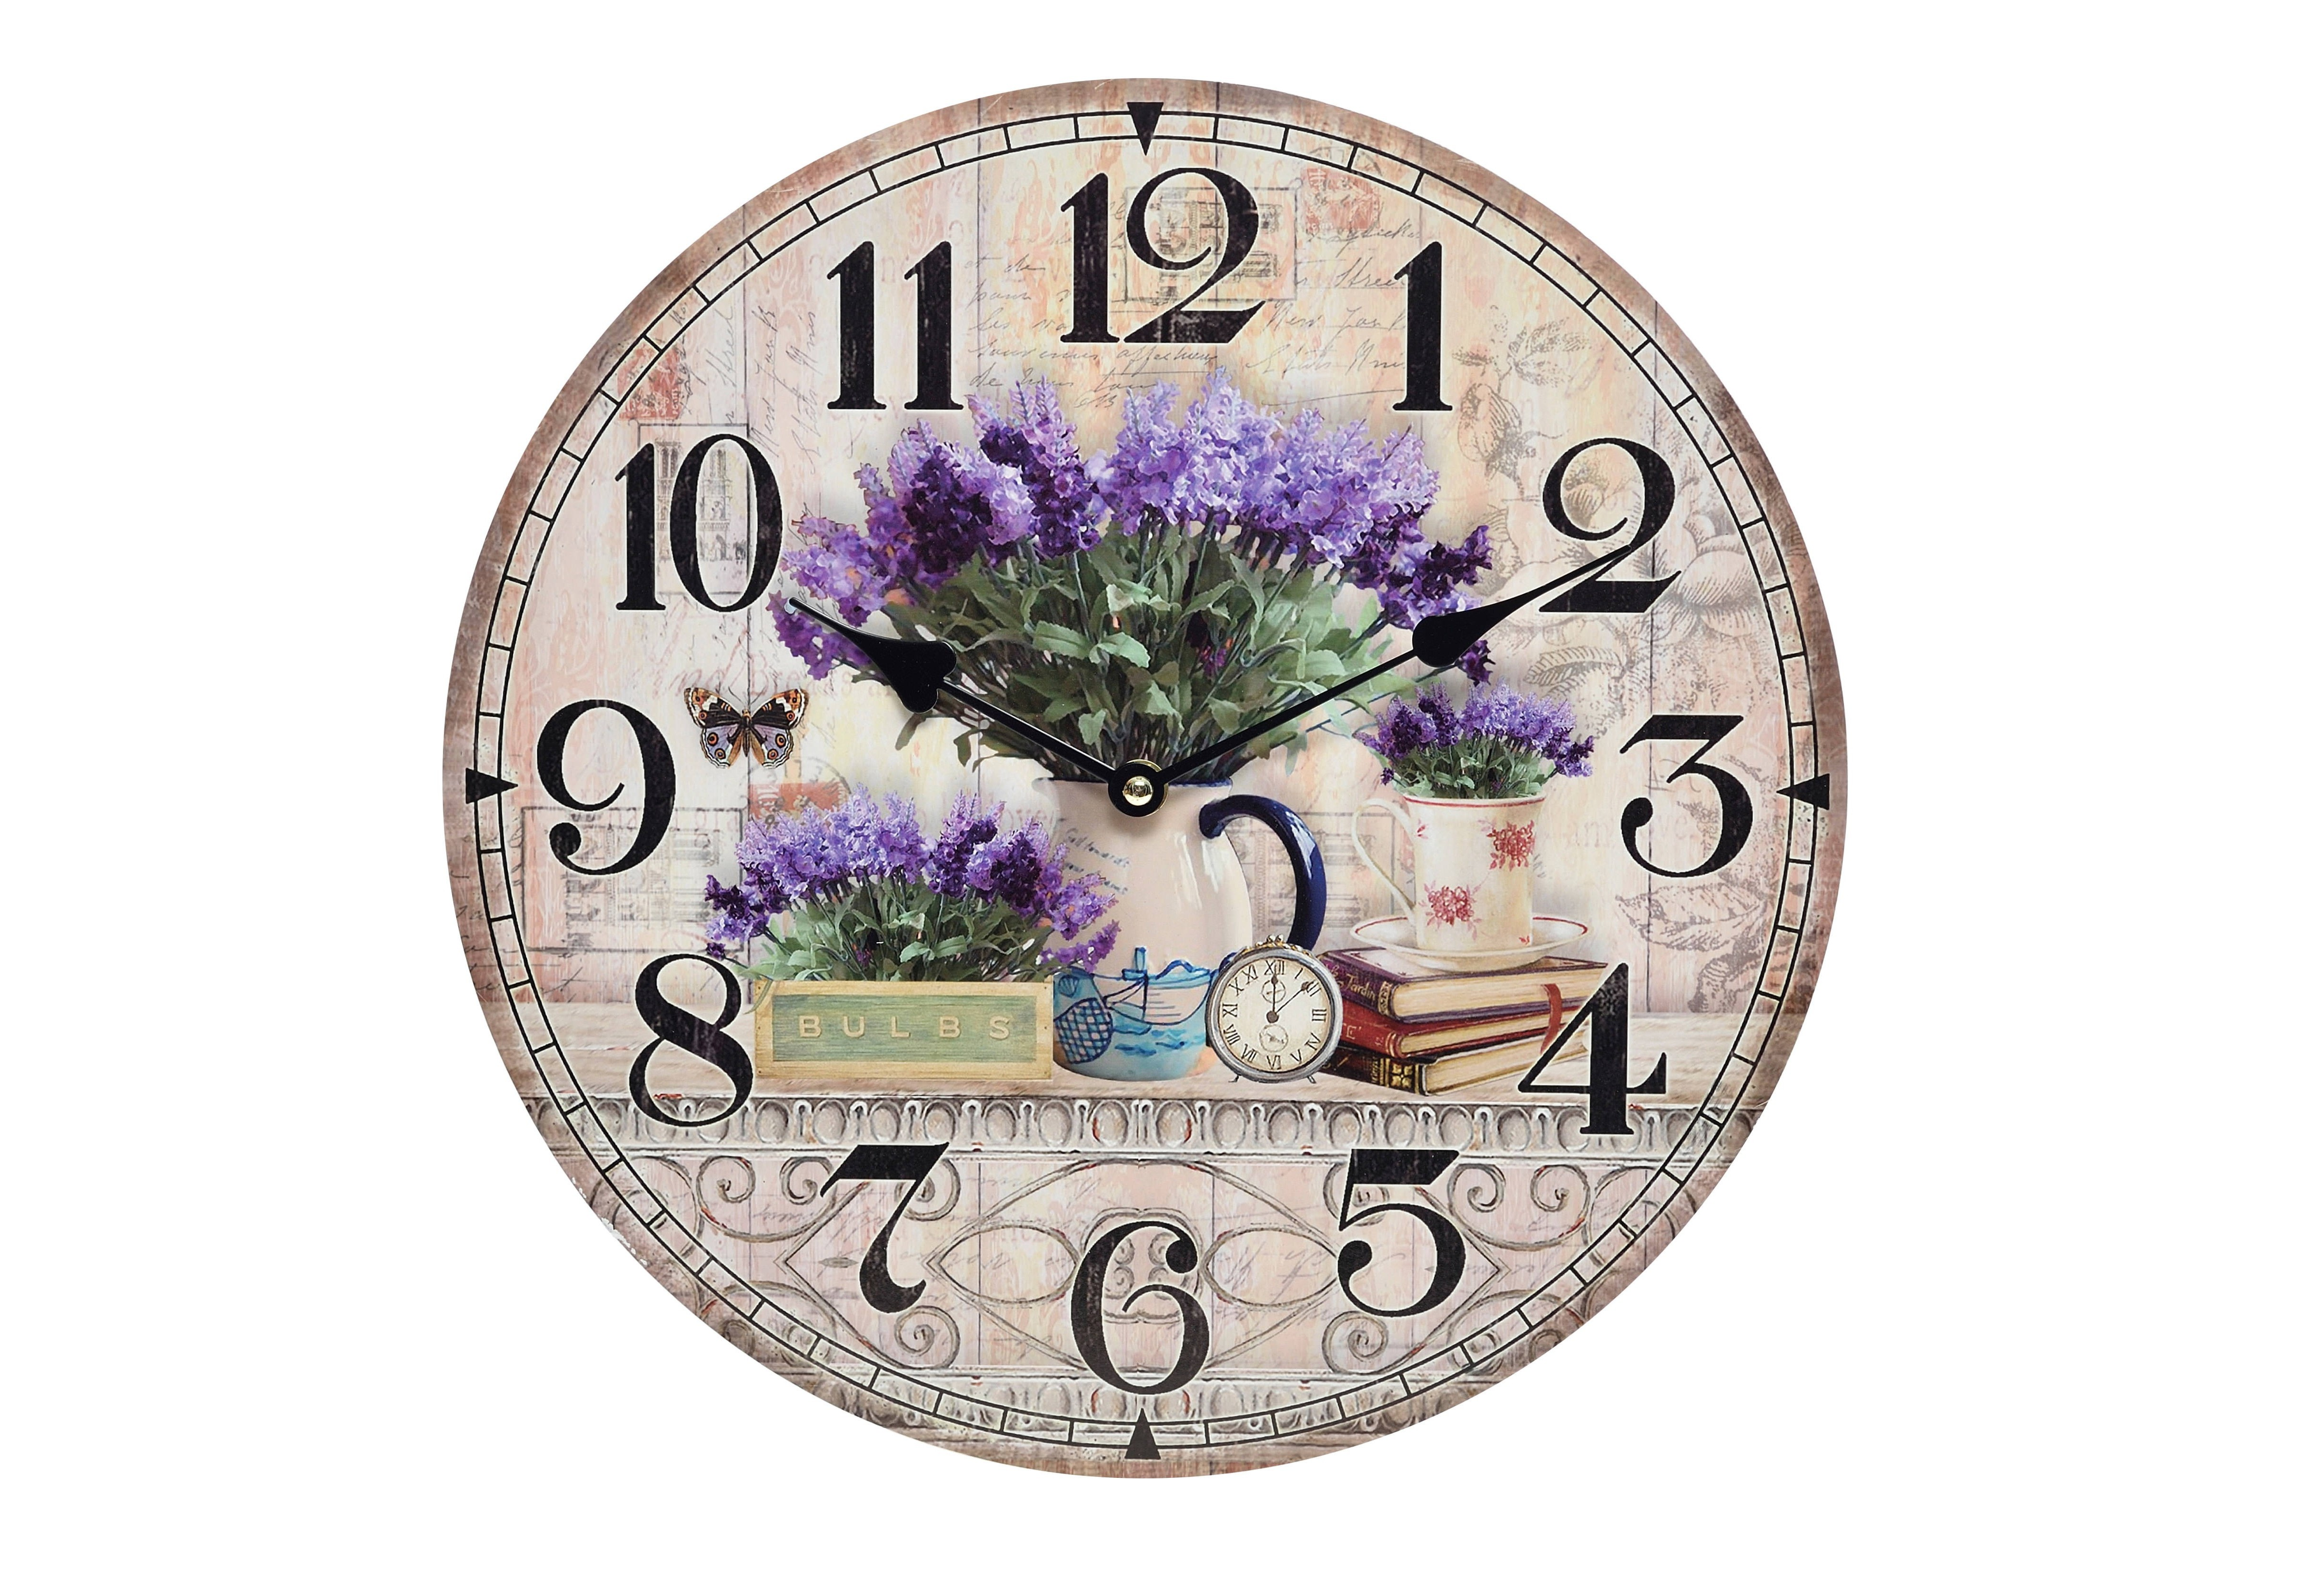 Часы настенные PipperНастенные часы<br>Кварцевый механизм.<br><br>Material: Дерево<br>Width см: None<br>Depth см: 4<br>Height см: None<br>Diameter см: 34